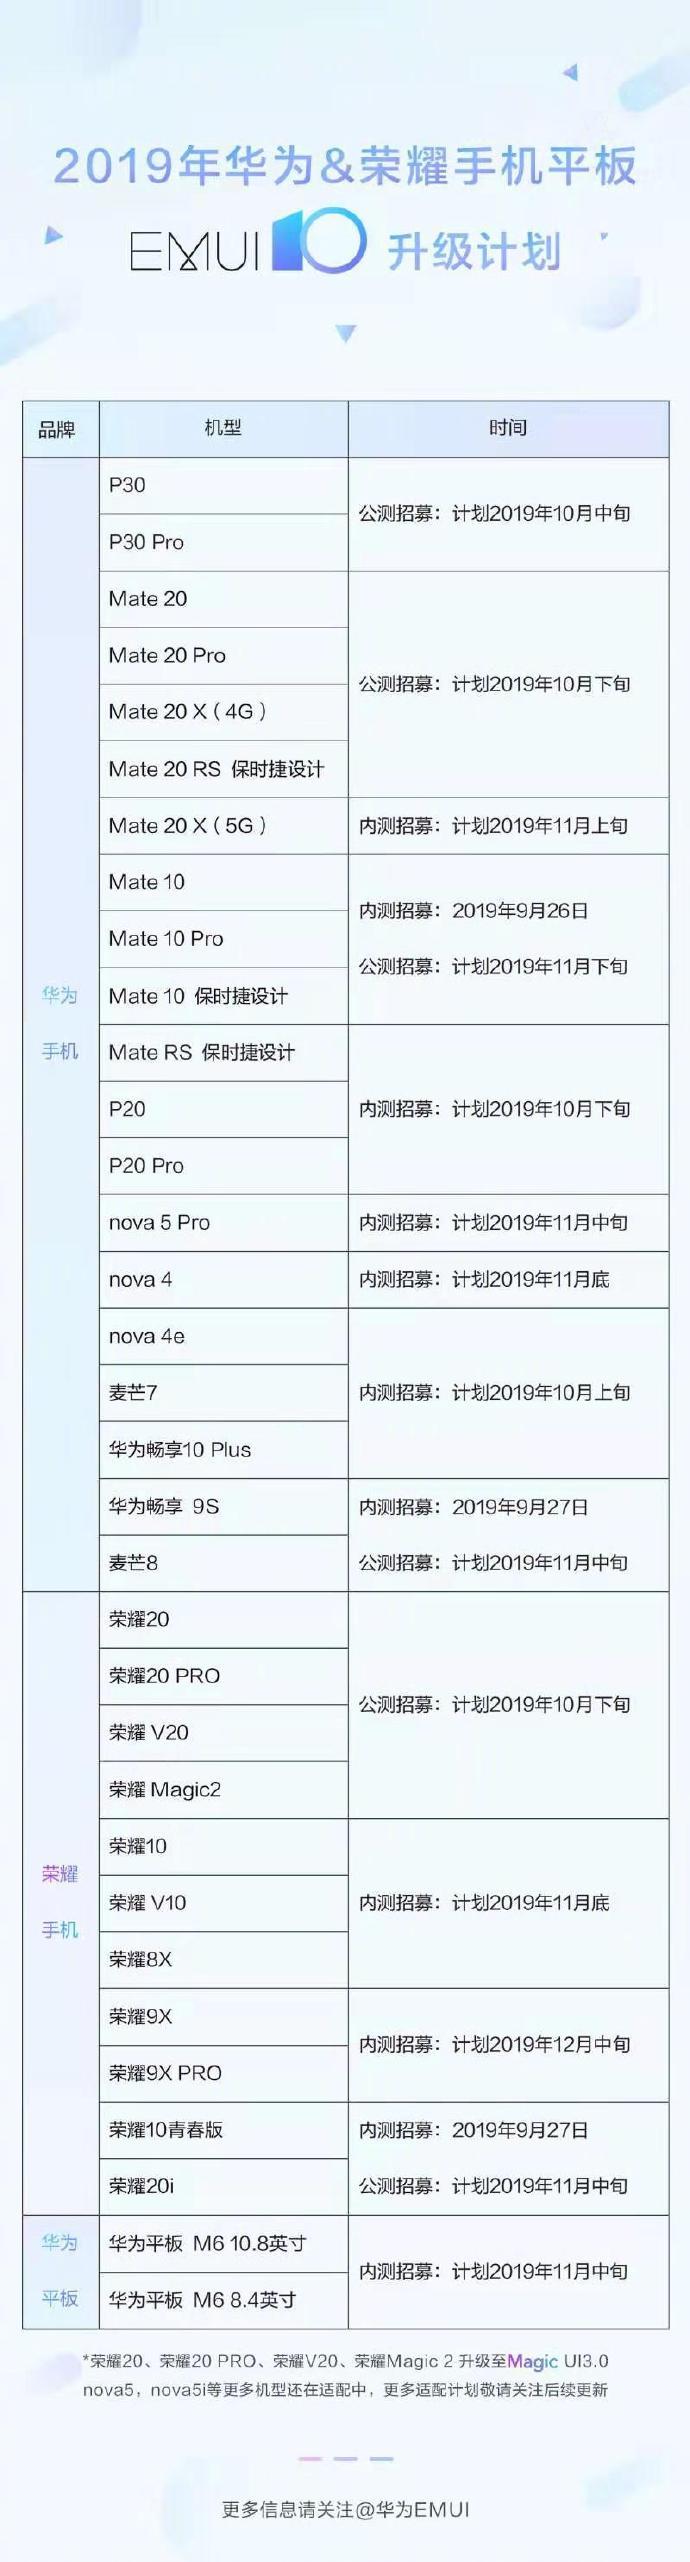 EMUI 10 beta jakie smartfony Huawei Honor kiedy aktualizacja do Android 10